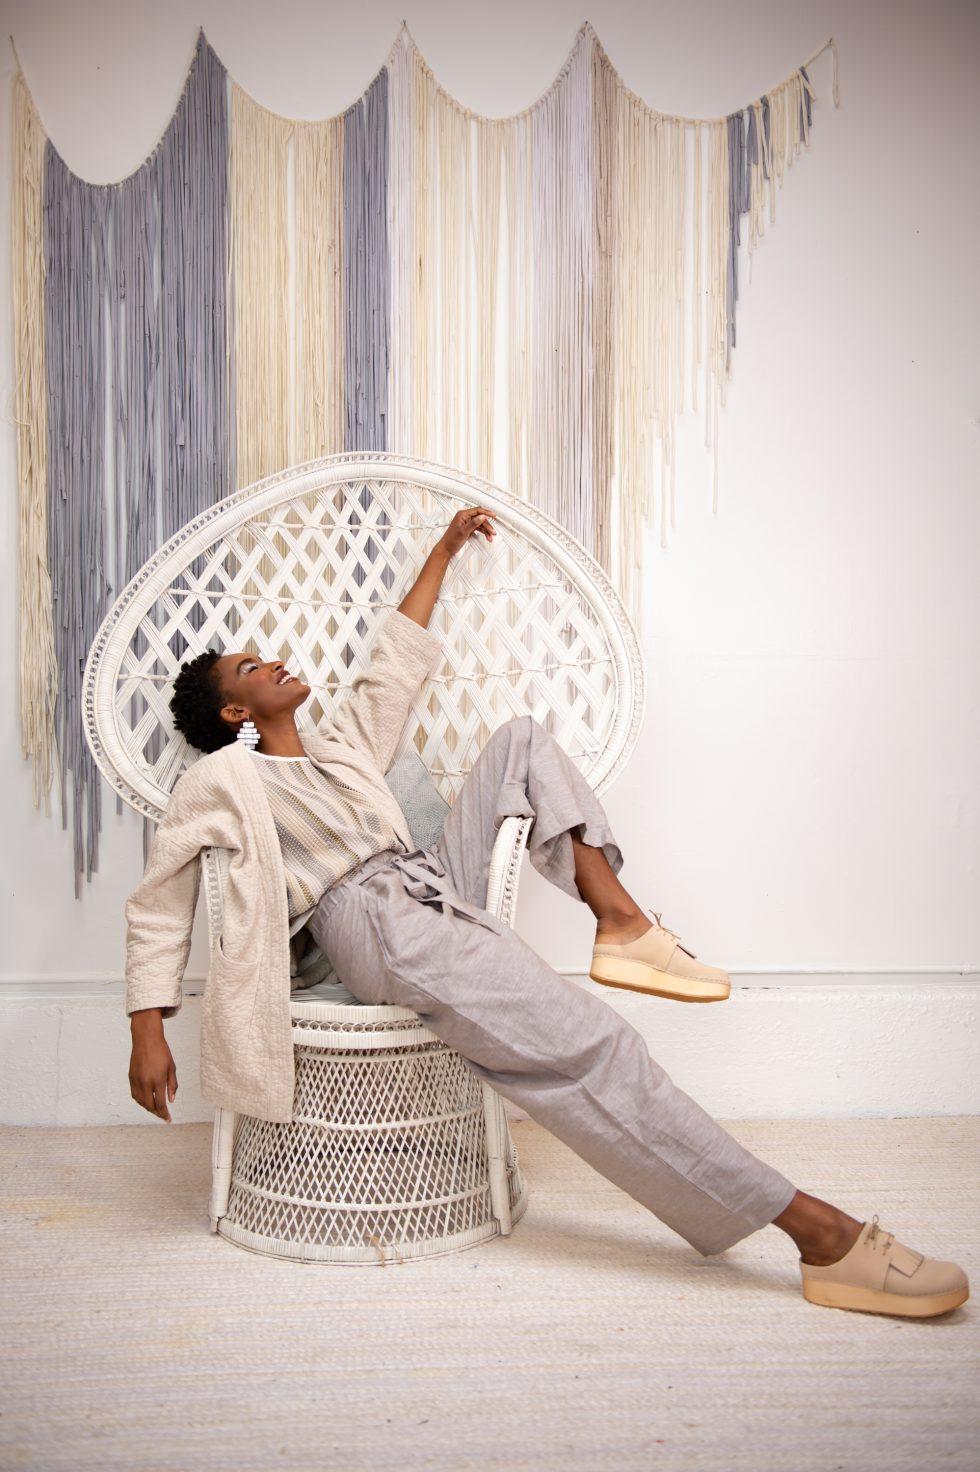 Chloe-Jackman-Photography-Sustainble-Clothing-shoot-2021-728